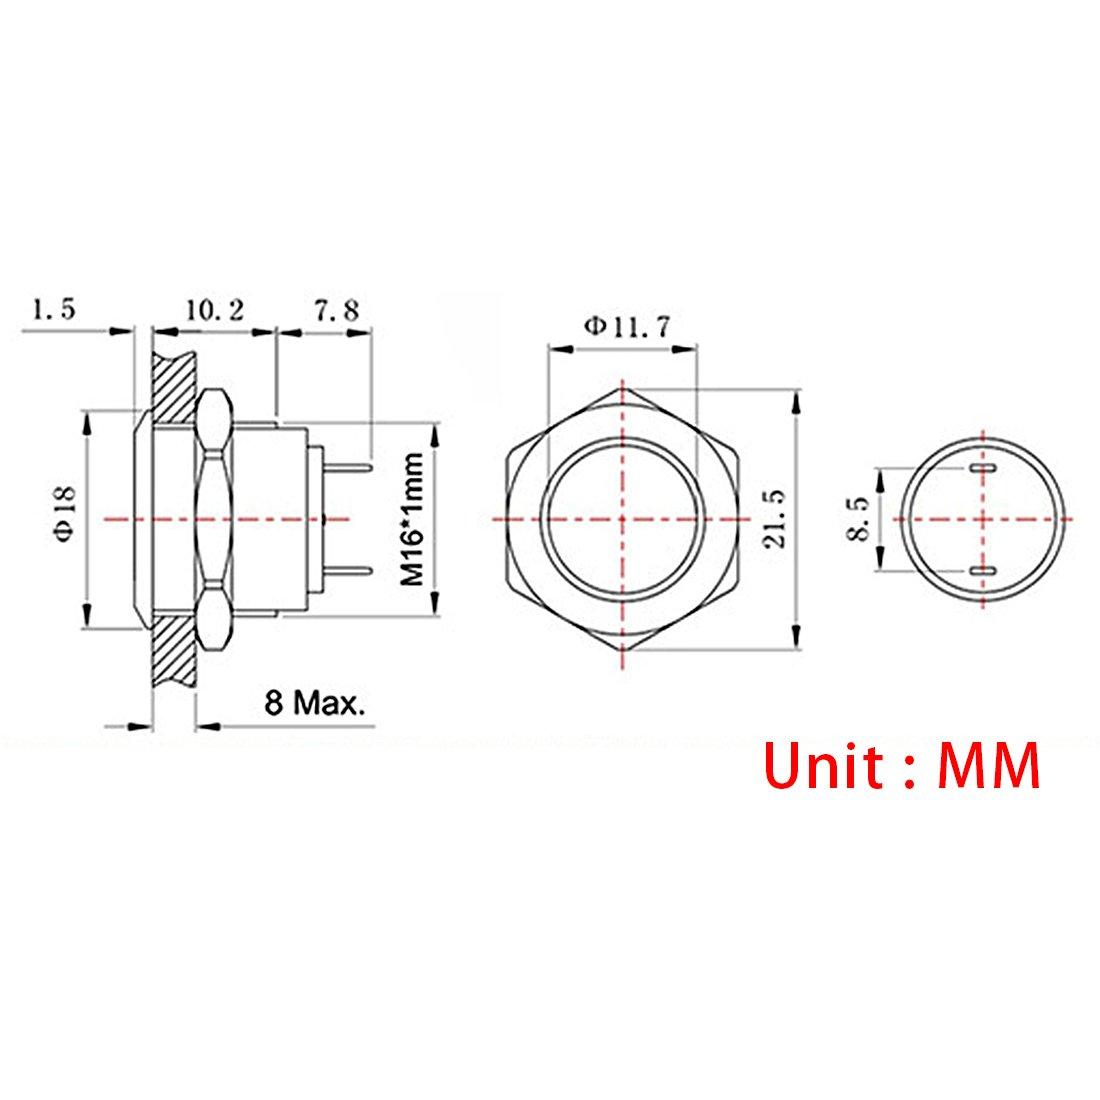 Larcele 5 piezas Impermeable Momentáneo Pulsador Empujar Botón Mini Pulsador Metal JSANKG-01 (16mm,Momentáneo): Amazon.es: Bricolaje y herramientas